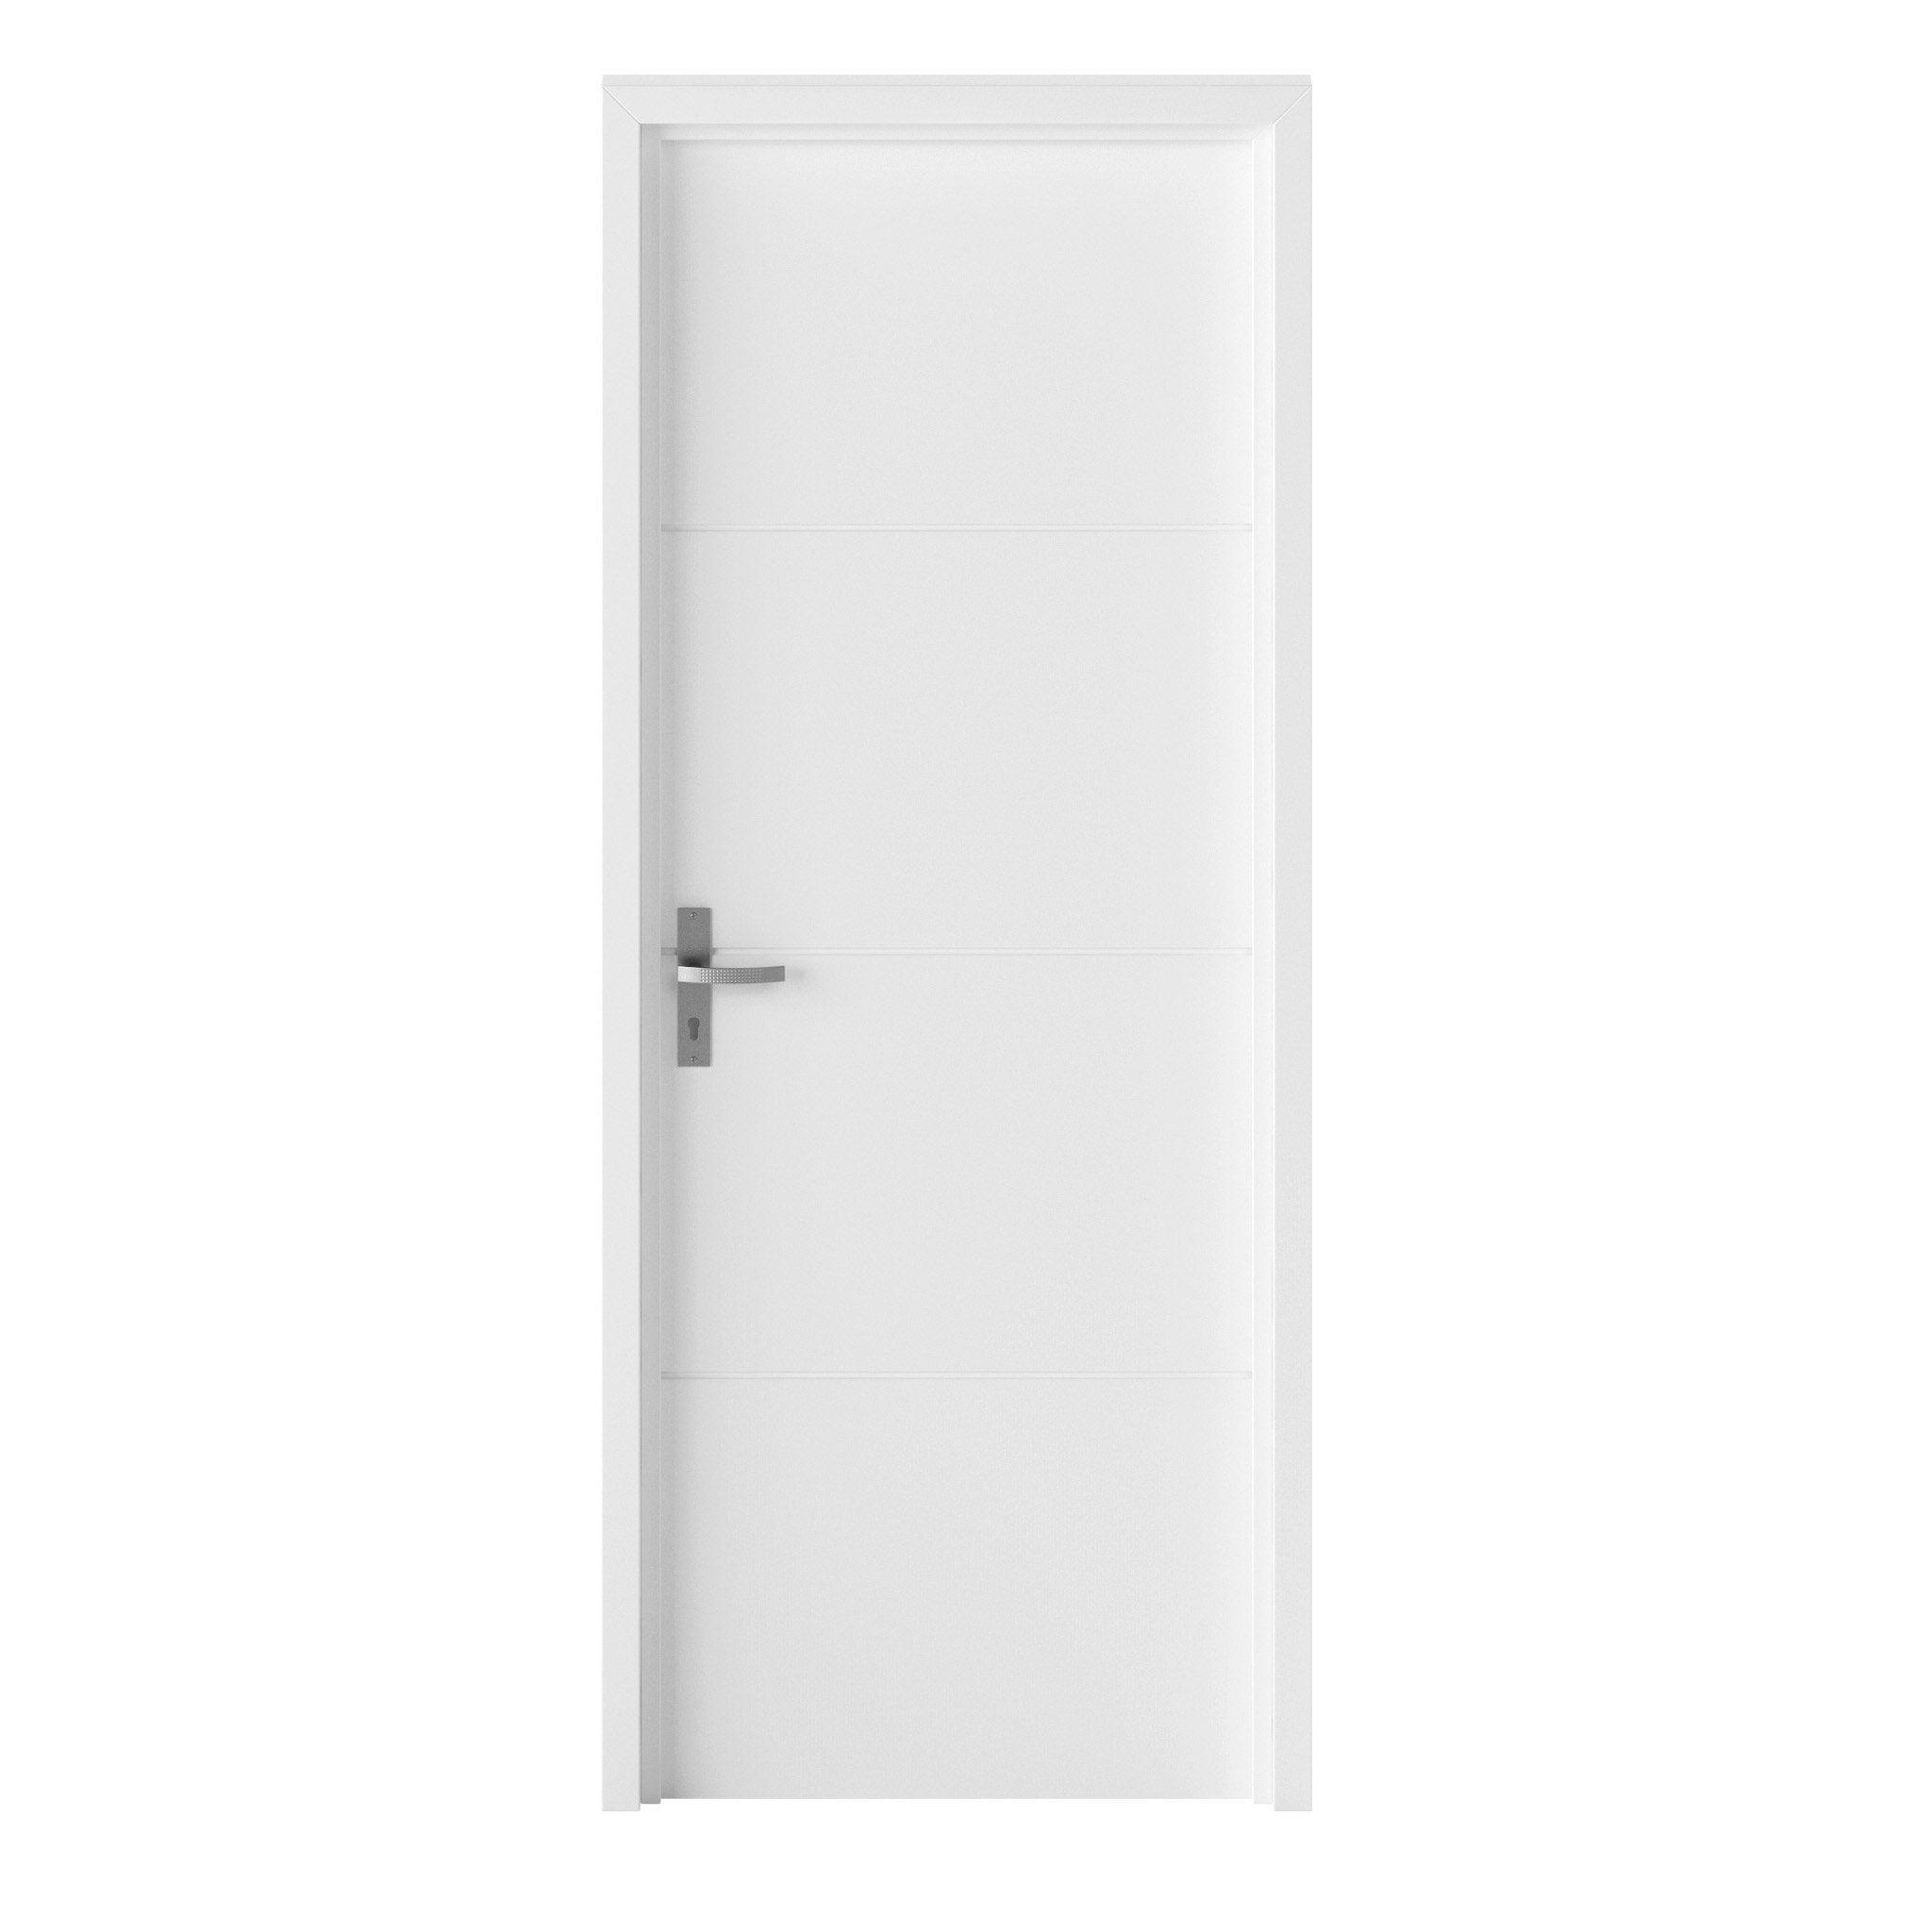 Bloc-porte blanc Lali, blanc H.204 x l.83 cm, poussant droit